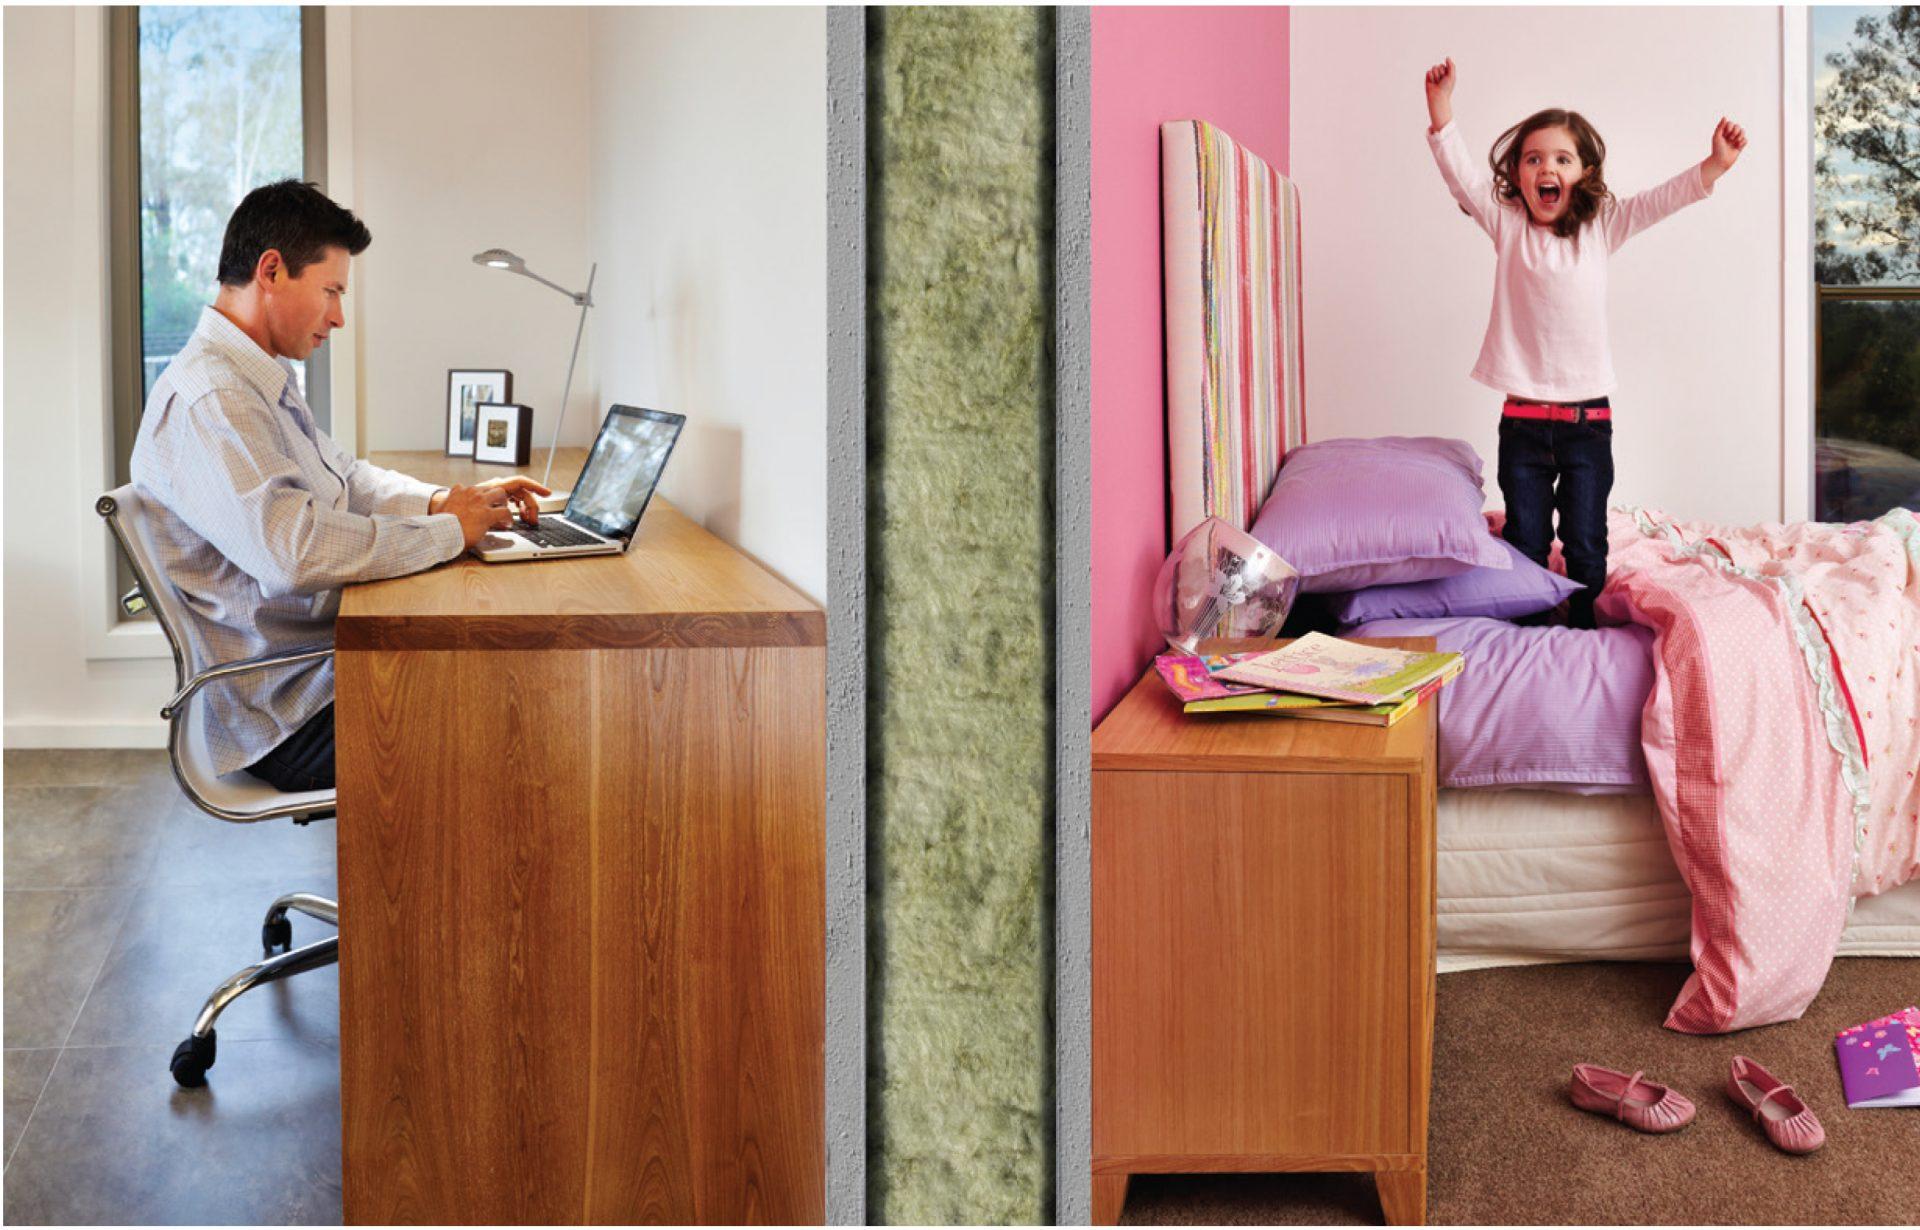 гостиничный этикет шум в номере